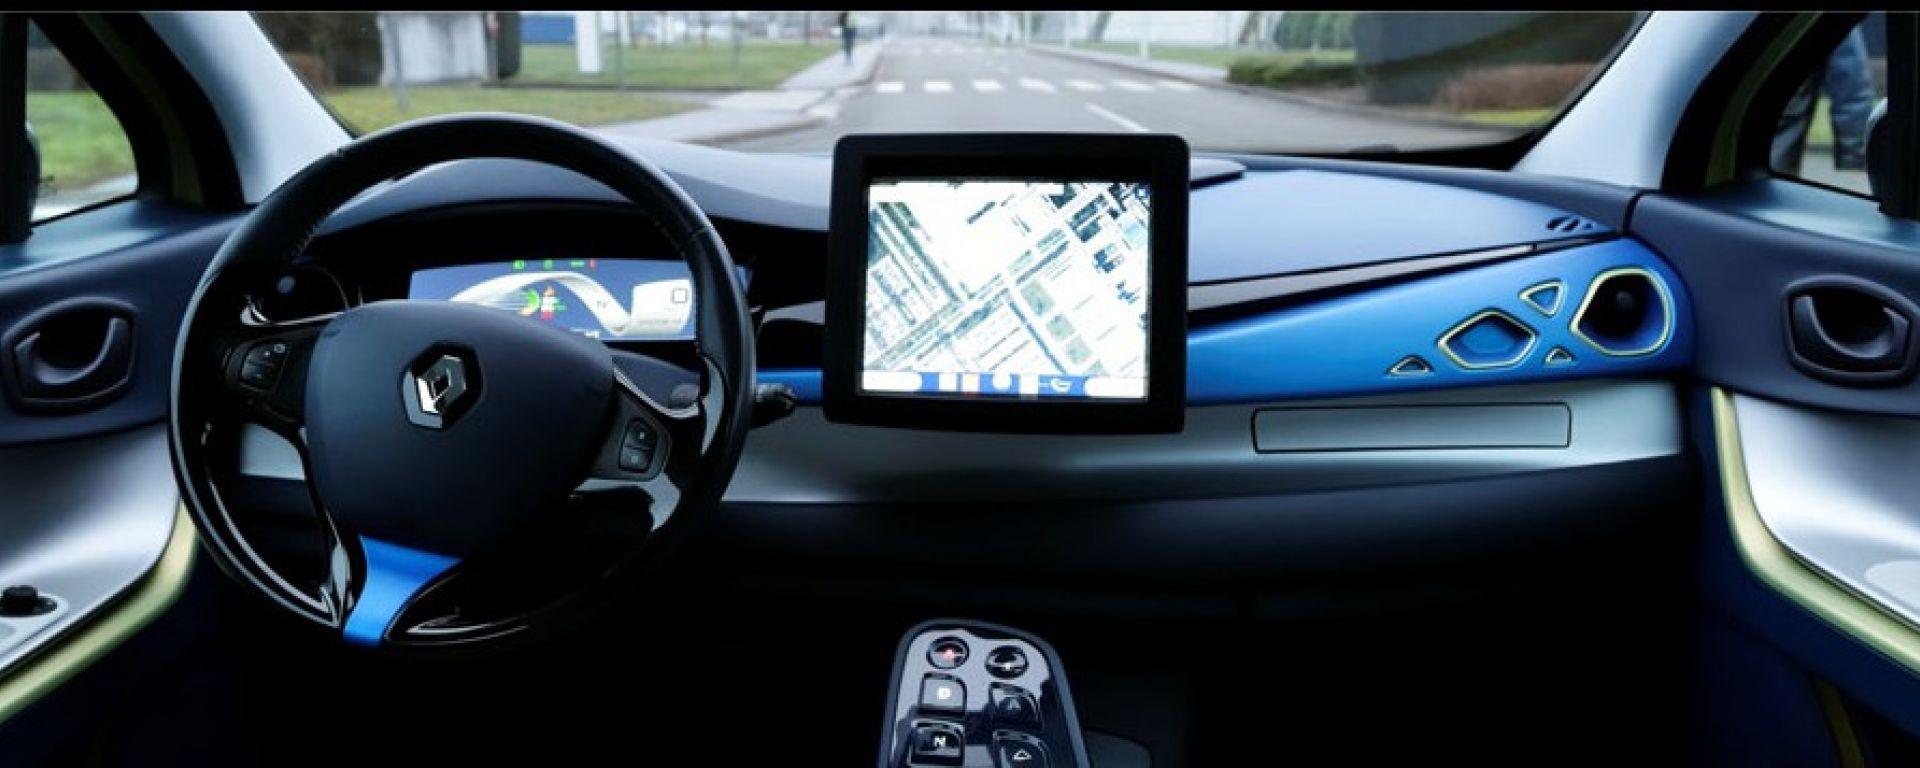 Renault investe nei sensori di visione ispirati all'occhio umano